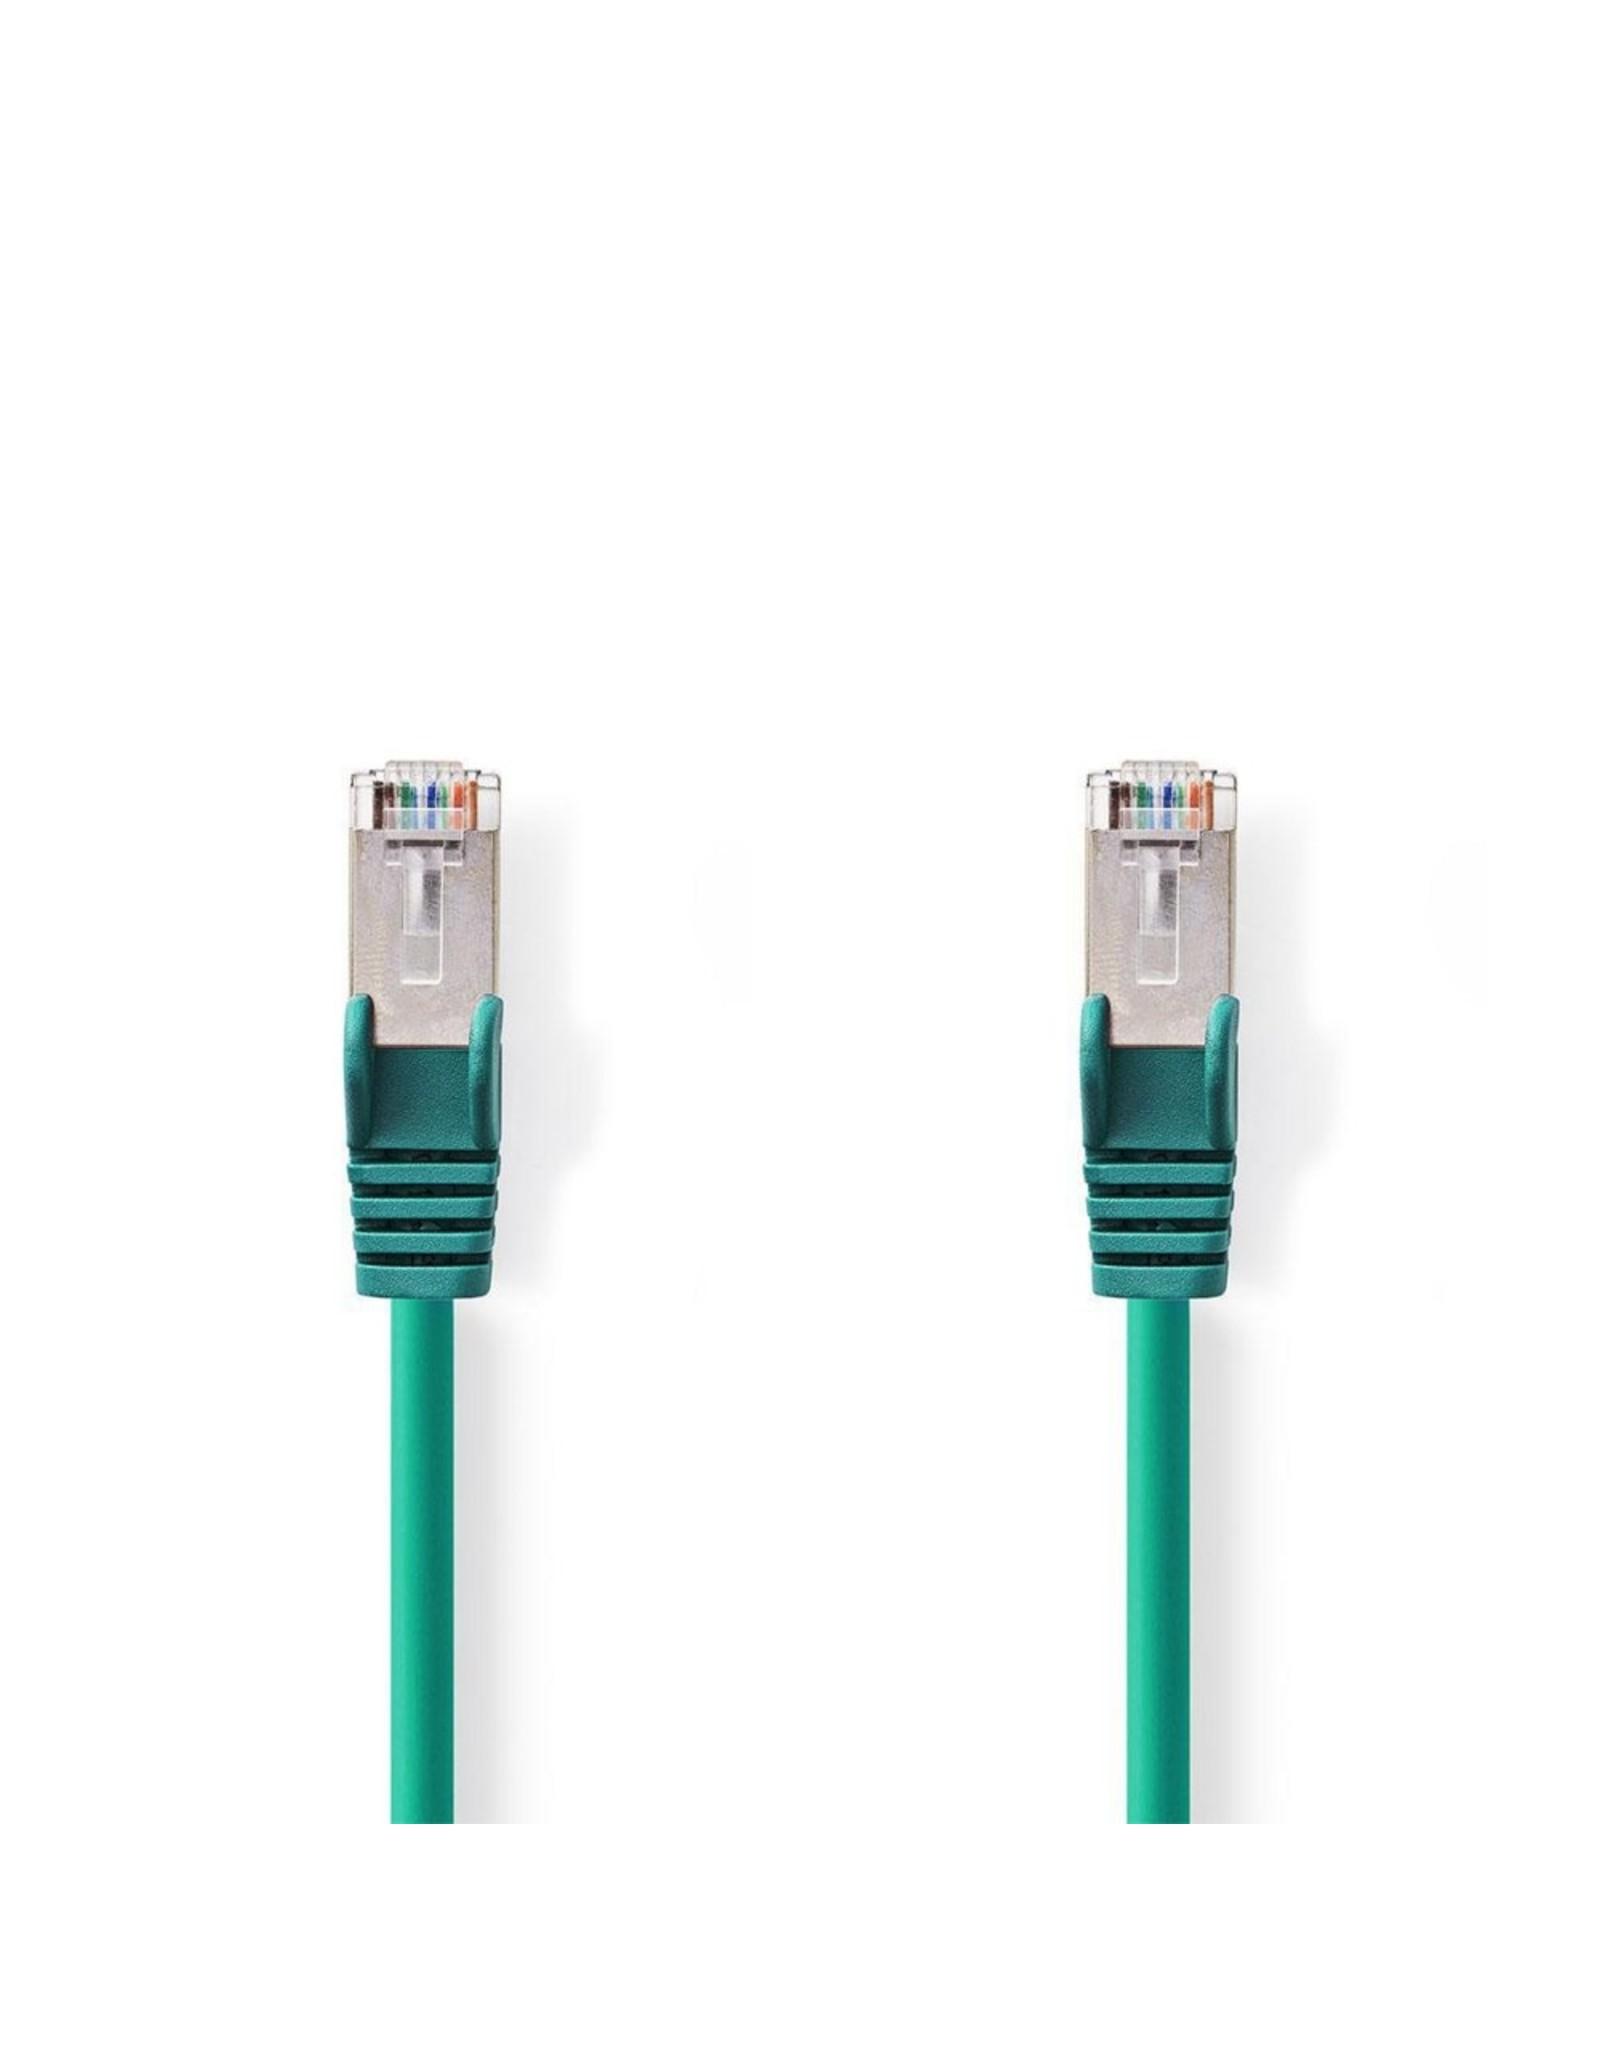 Nedis CAT6 S/FTP-netwerkkabel/RJ45 1m Groen